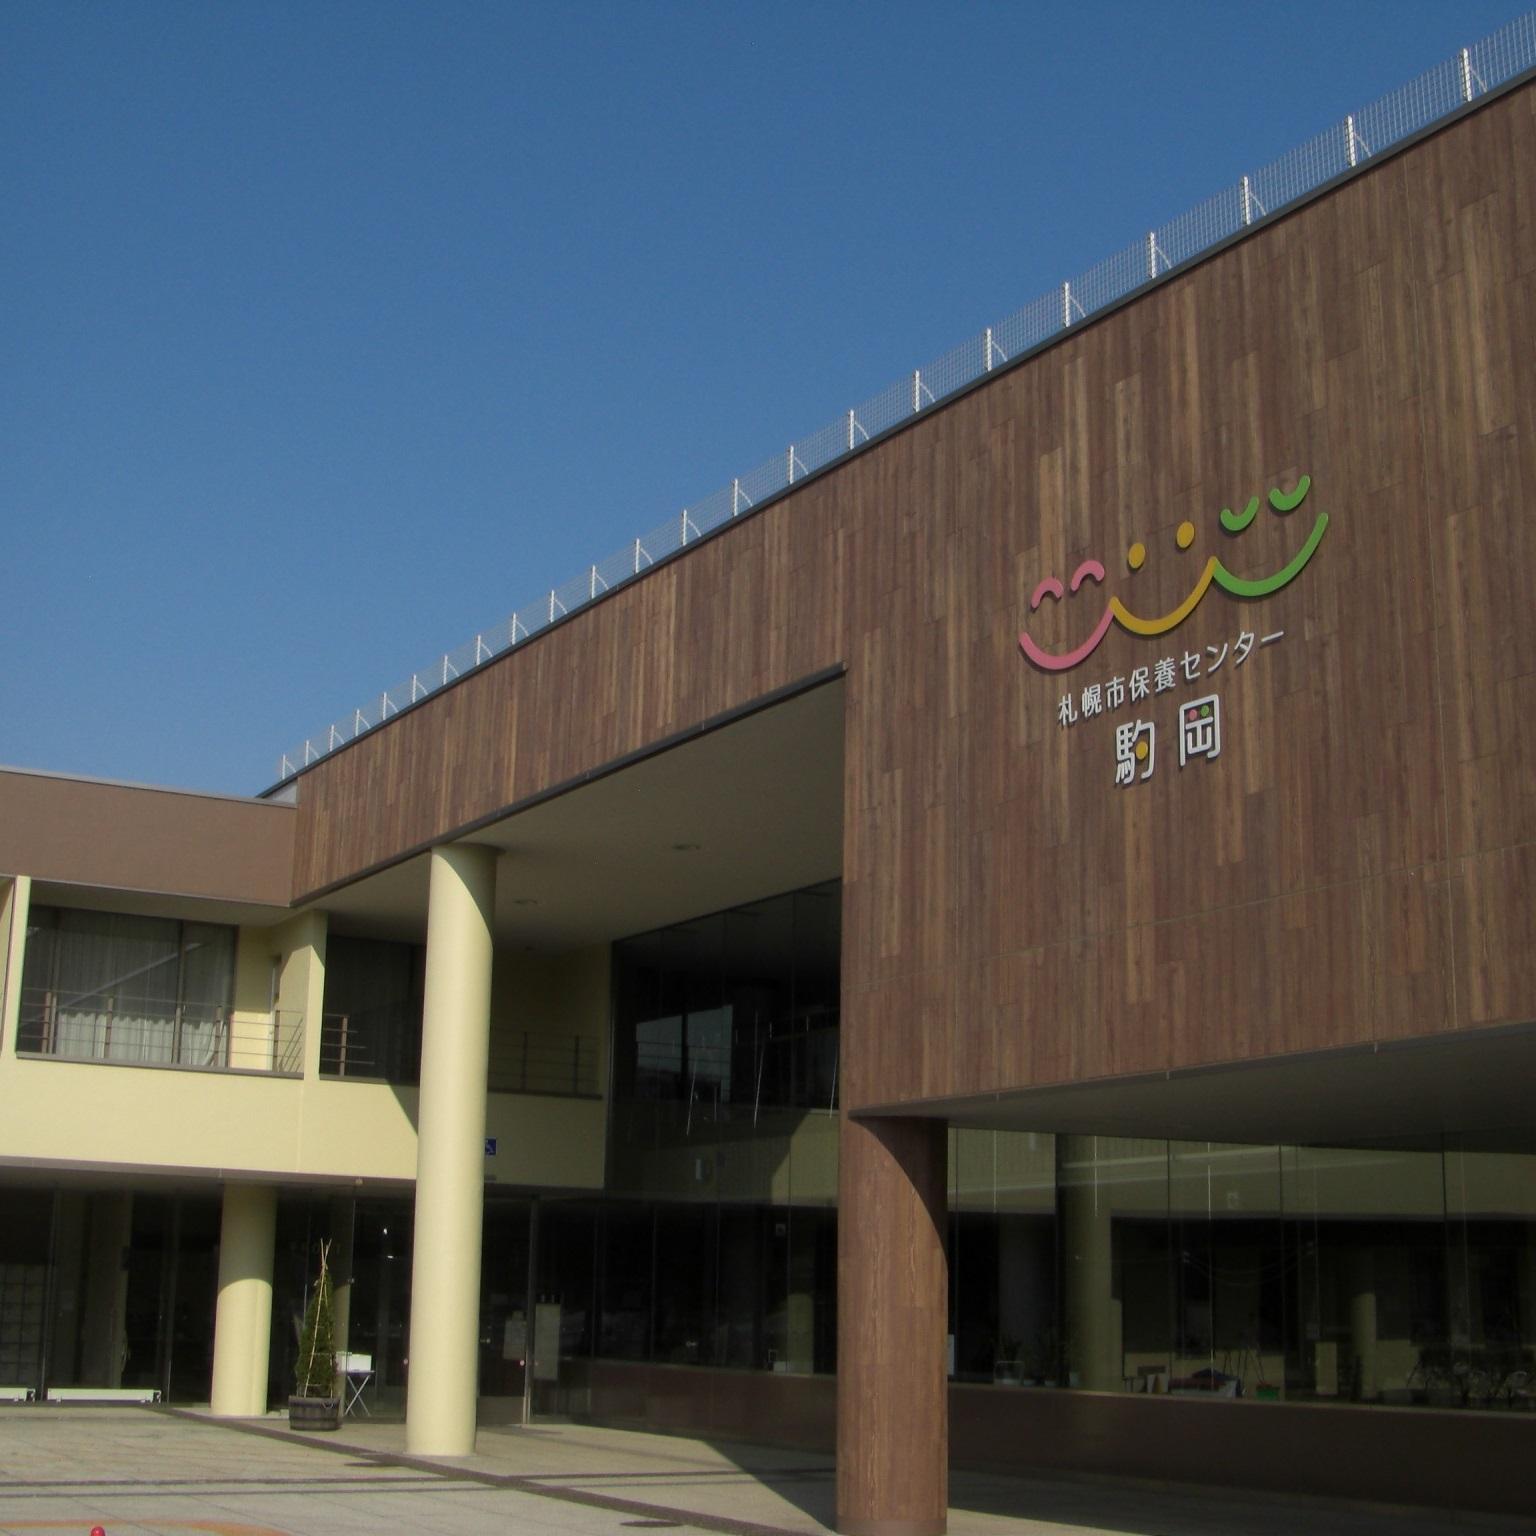 札幌市保養センター駒岡